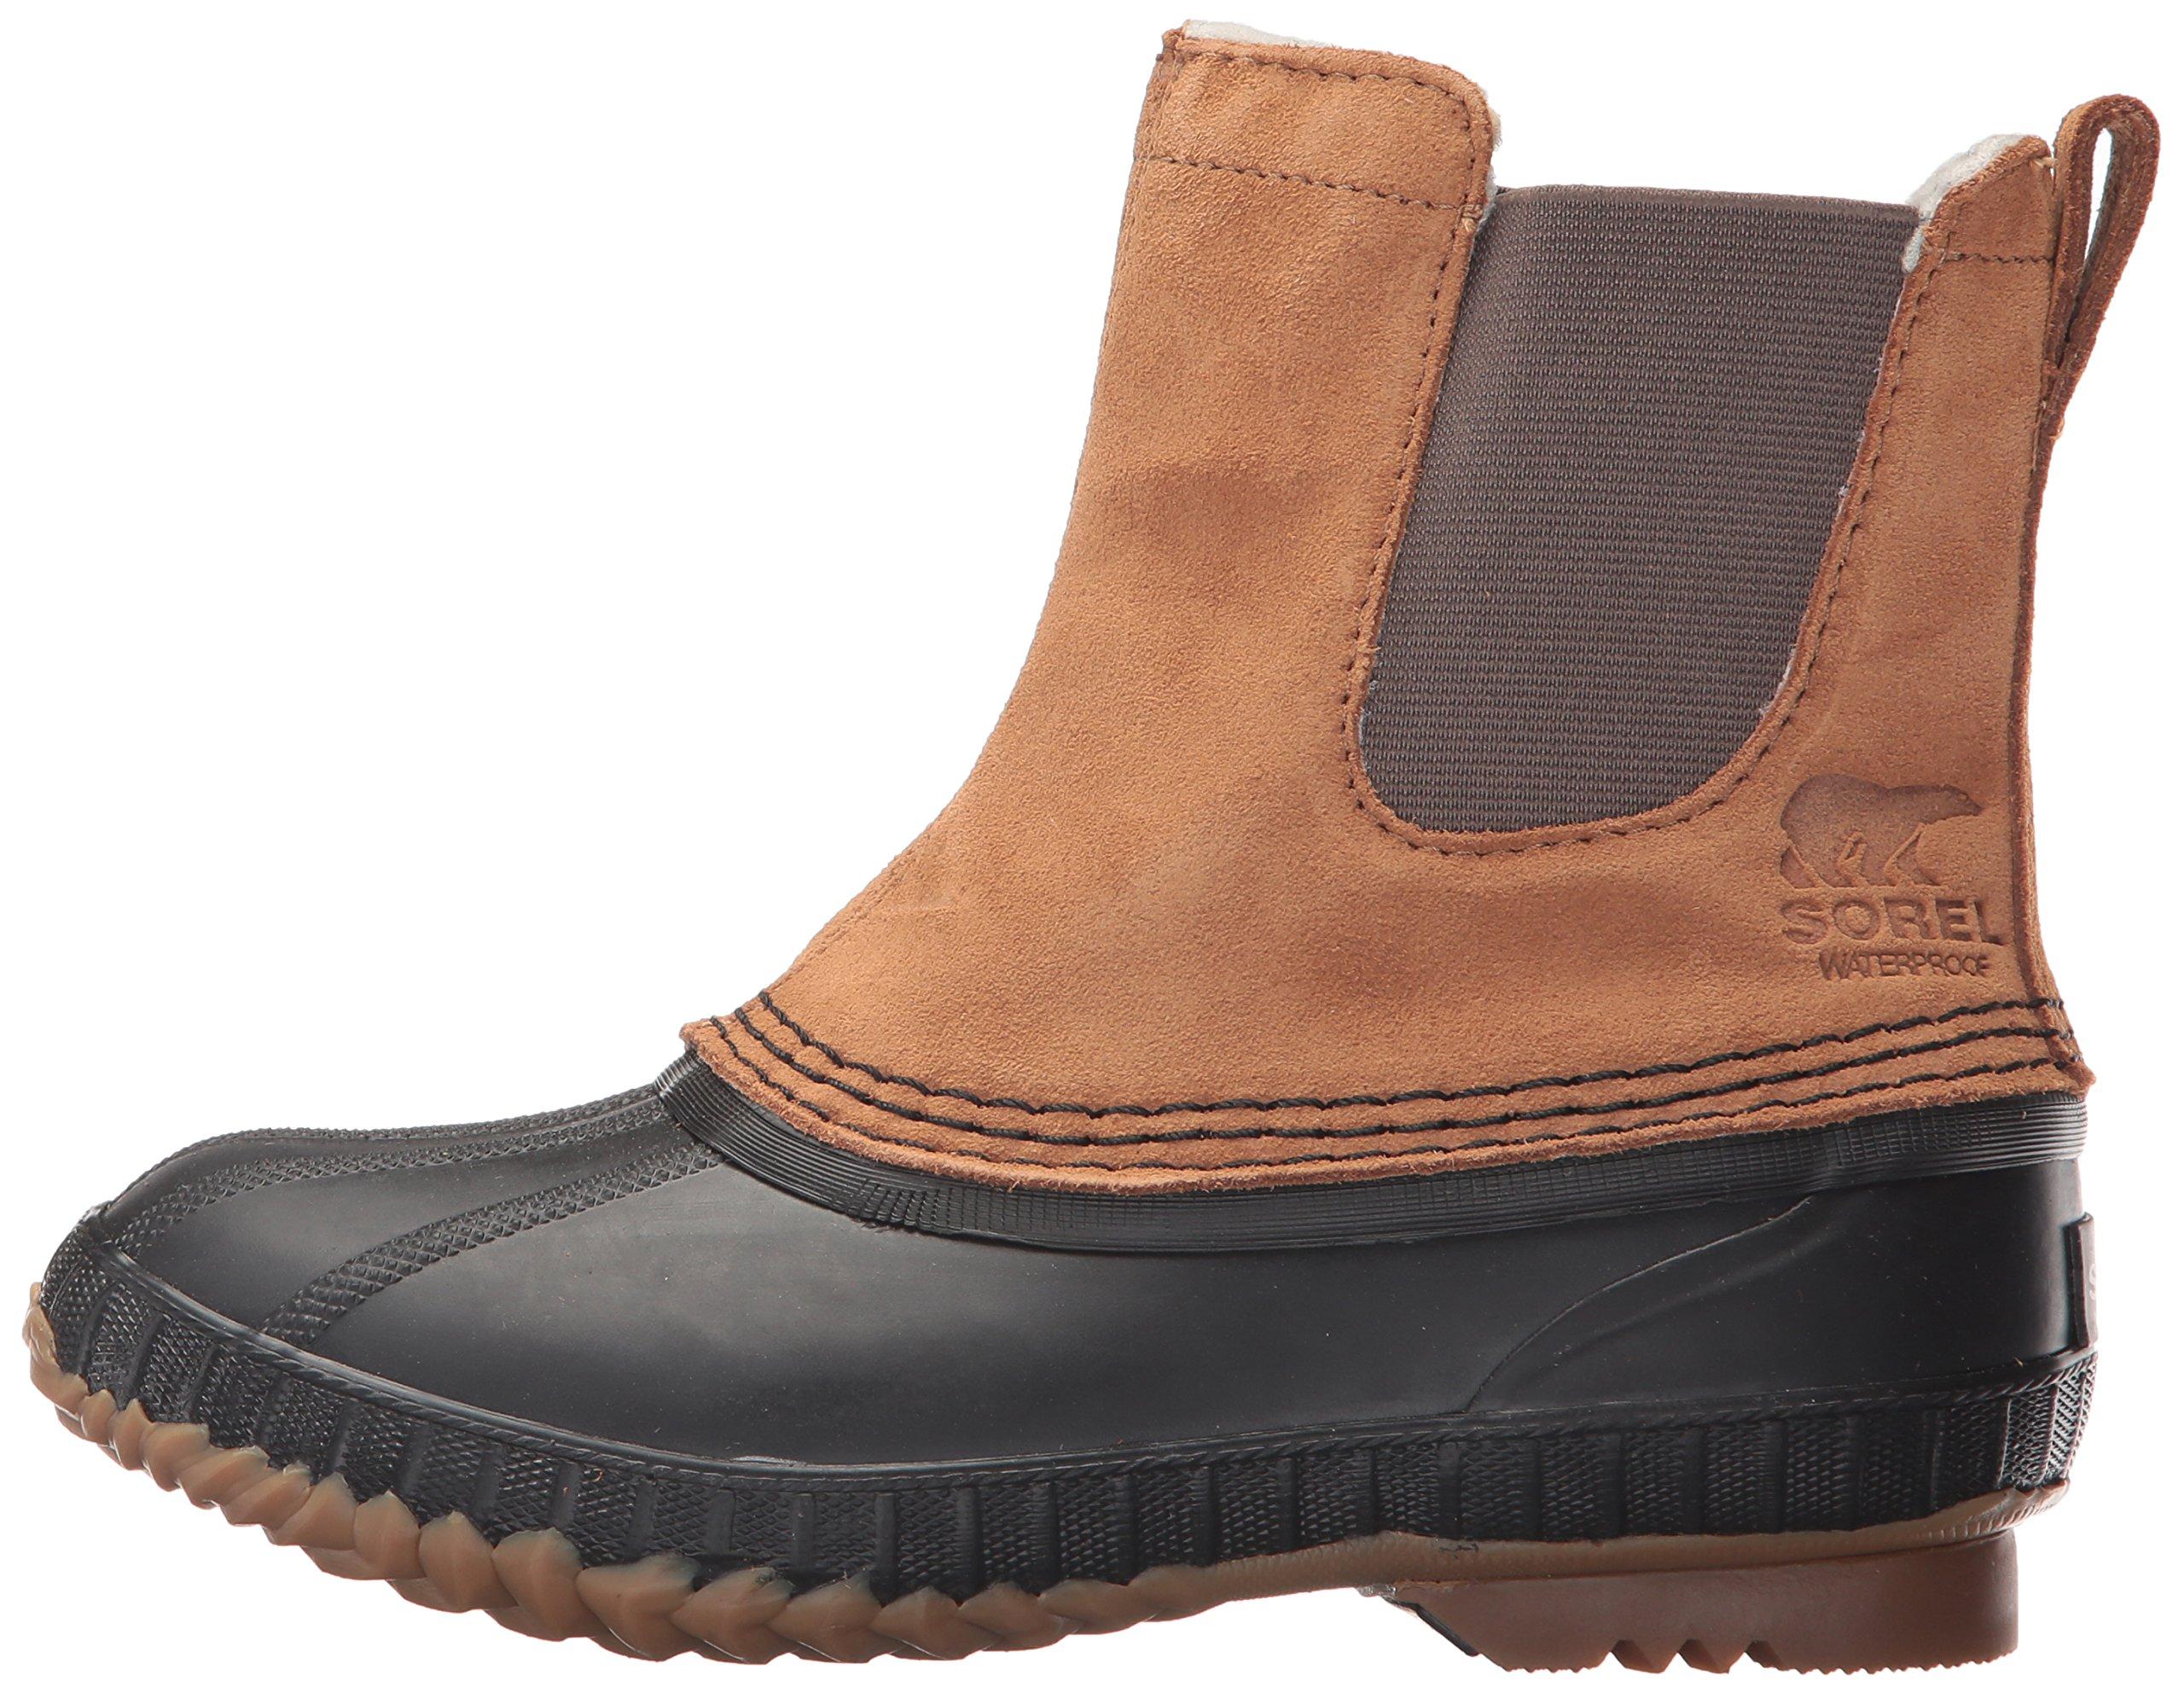 SOREL Boys' Youth Cheyanne II Chelsea Snow Boot, elk, Black, 4 M US Big Kid by SOREL (Image #5)